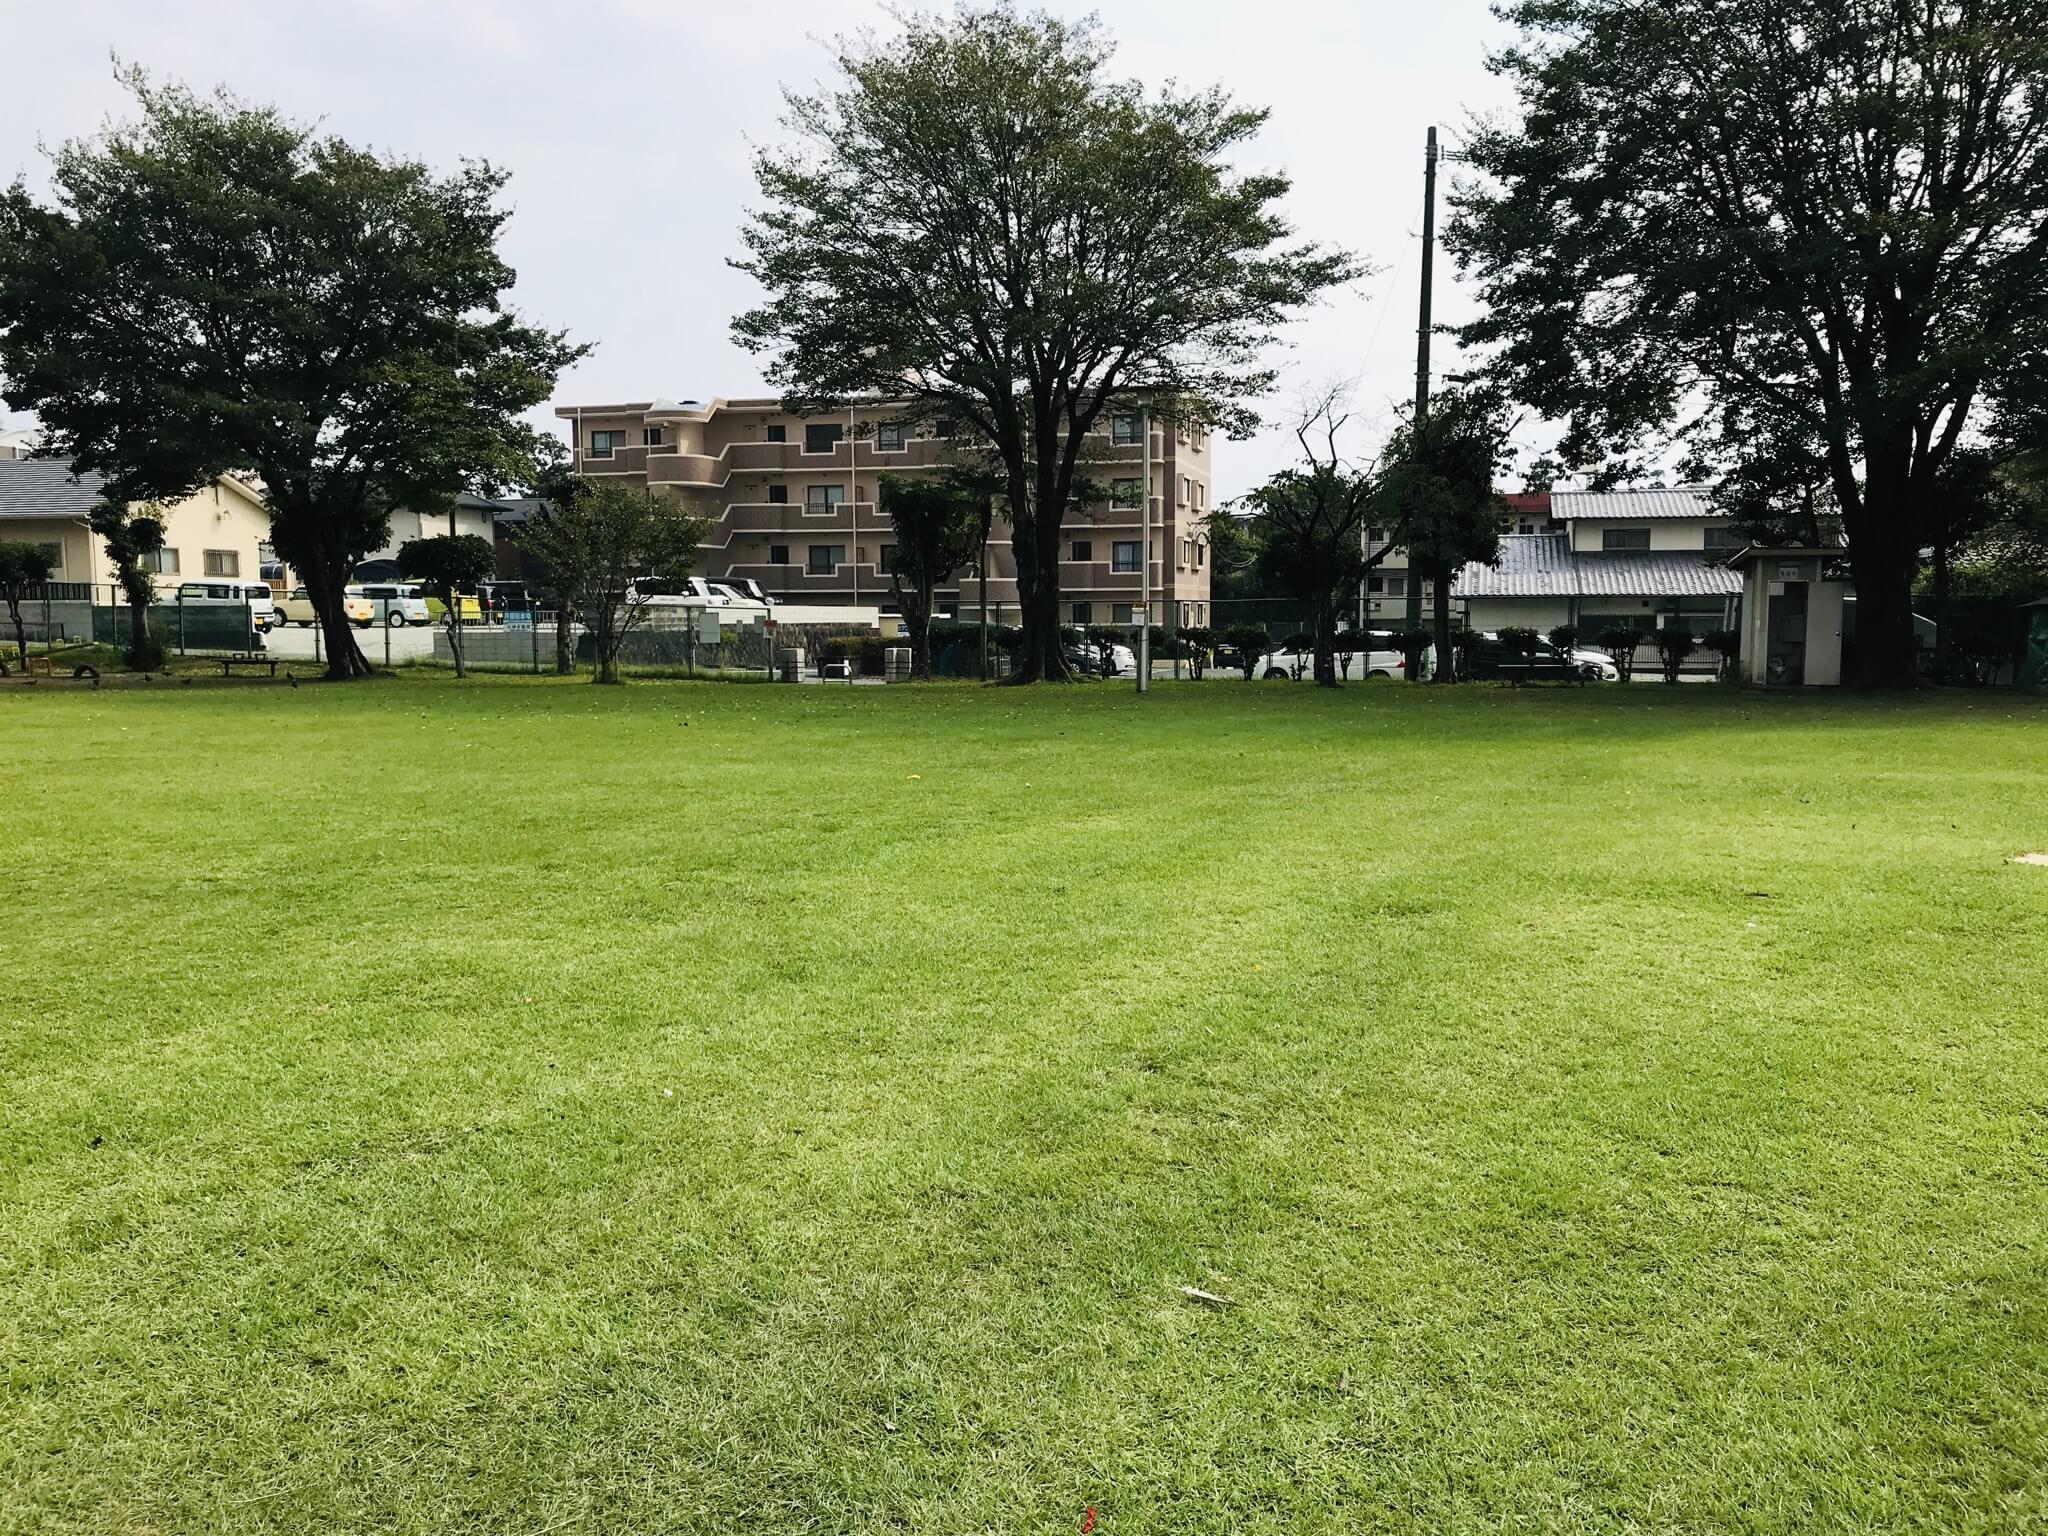 【壱町畑公園】芝生が綺麗な小さくて可愛い公園!《熊本市東区健軍》